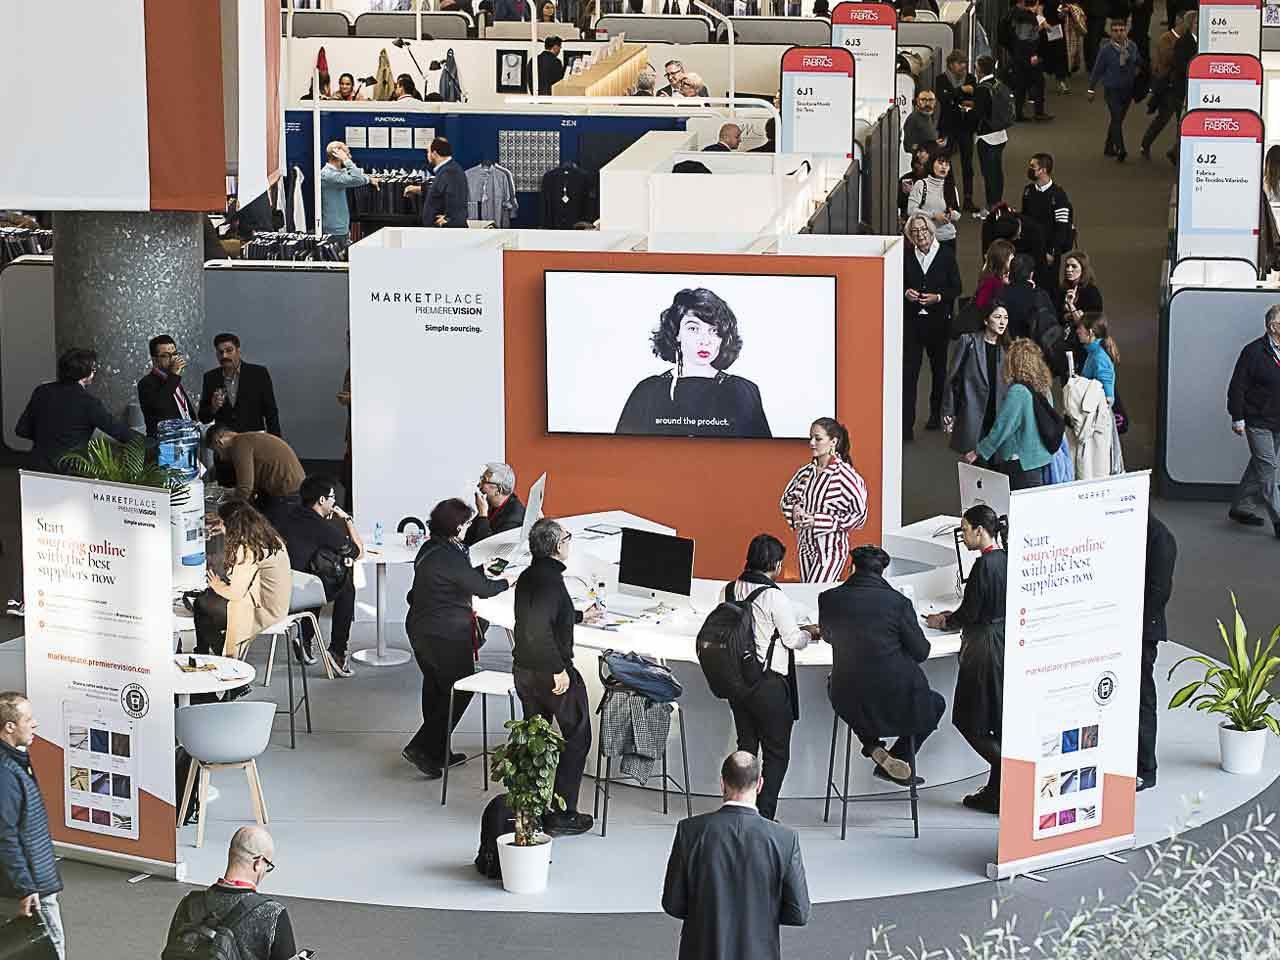 Salons online marketplace premierevision